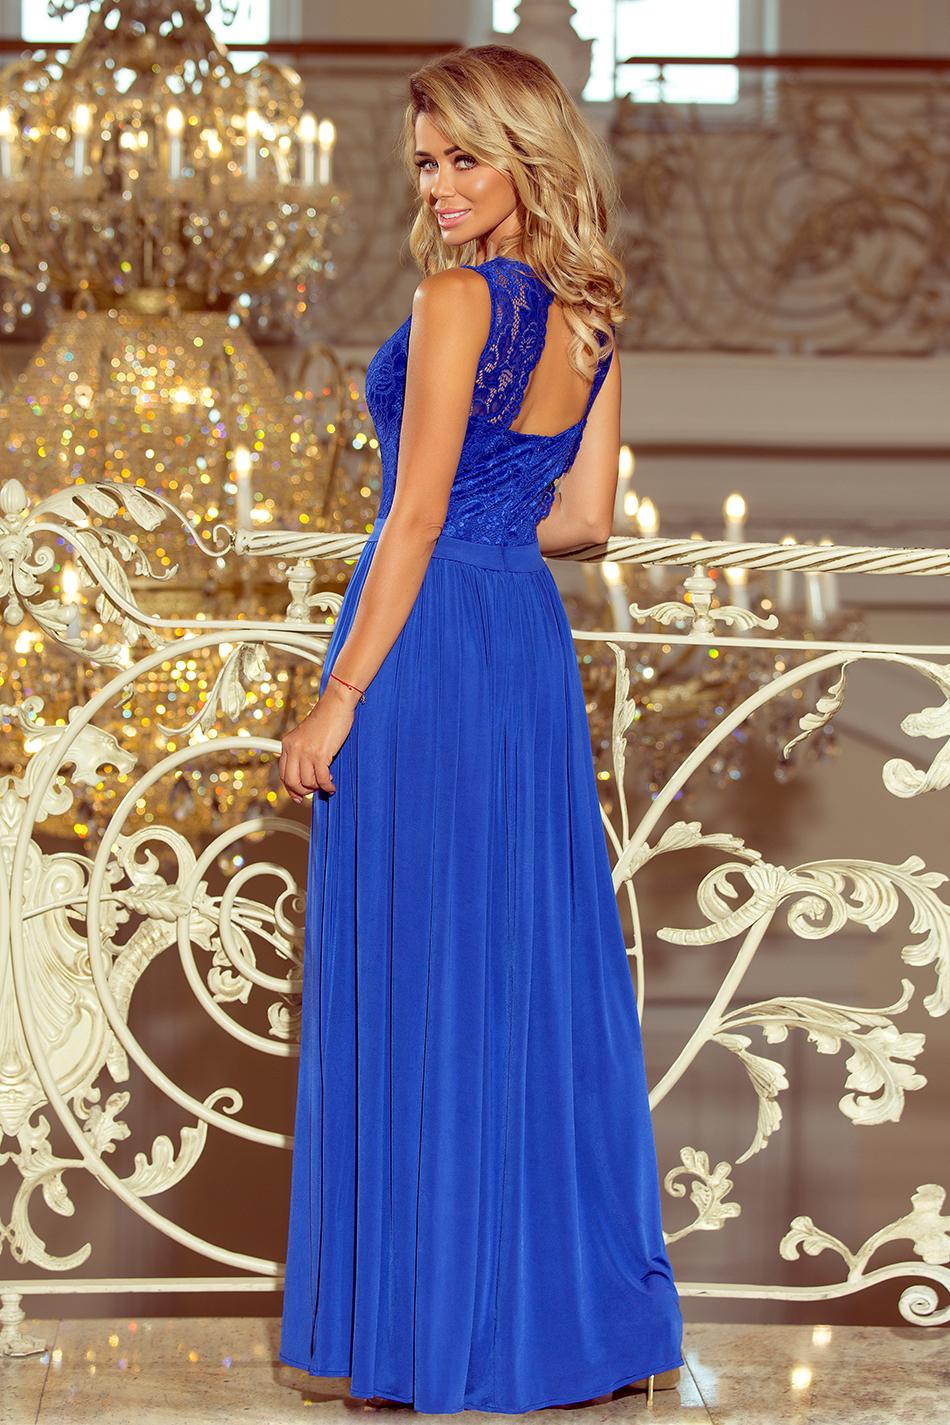 dddfa3dfa1 211-3 LEA długa suknia bez rękawków z koronkowym dekoltem - chaber ...